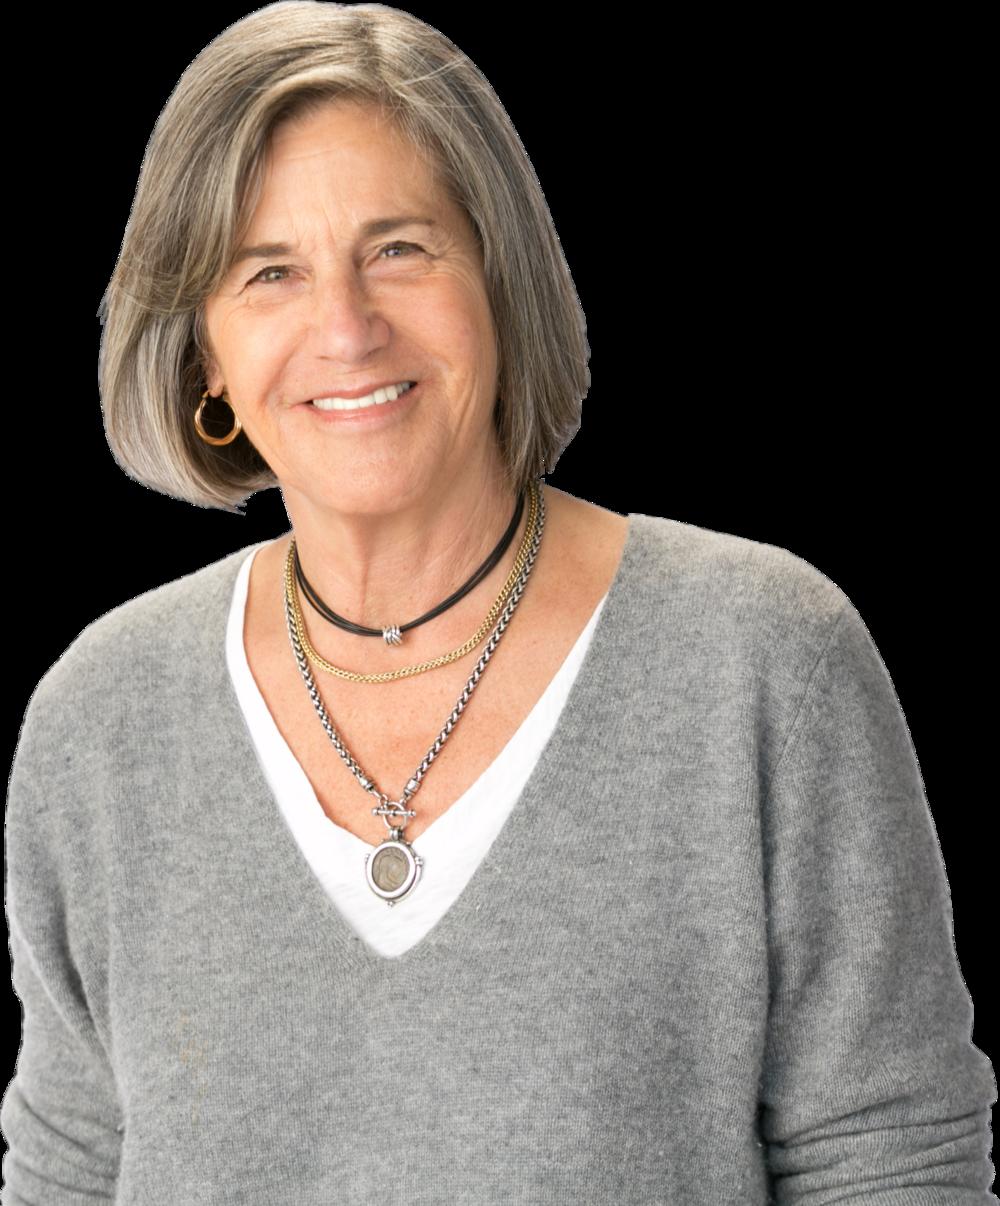 Patty Rogers, Broker Associate, BRE#00669968